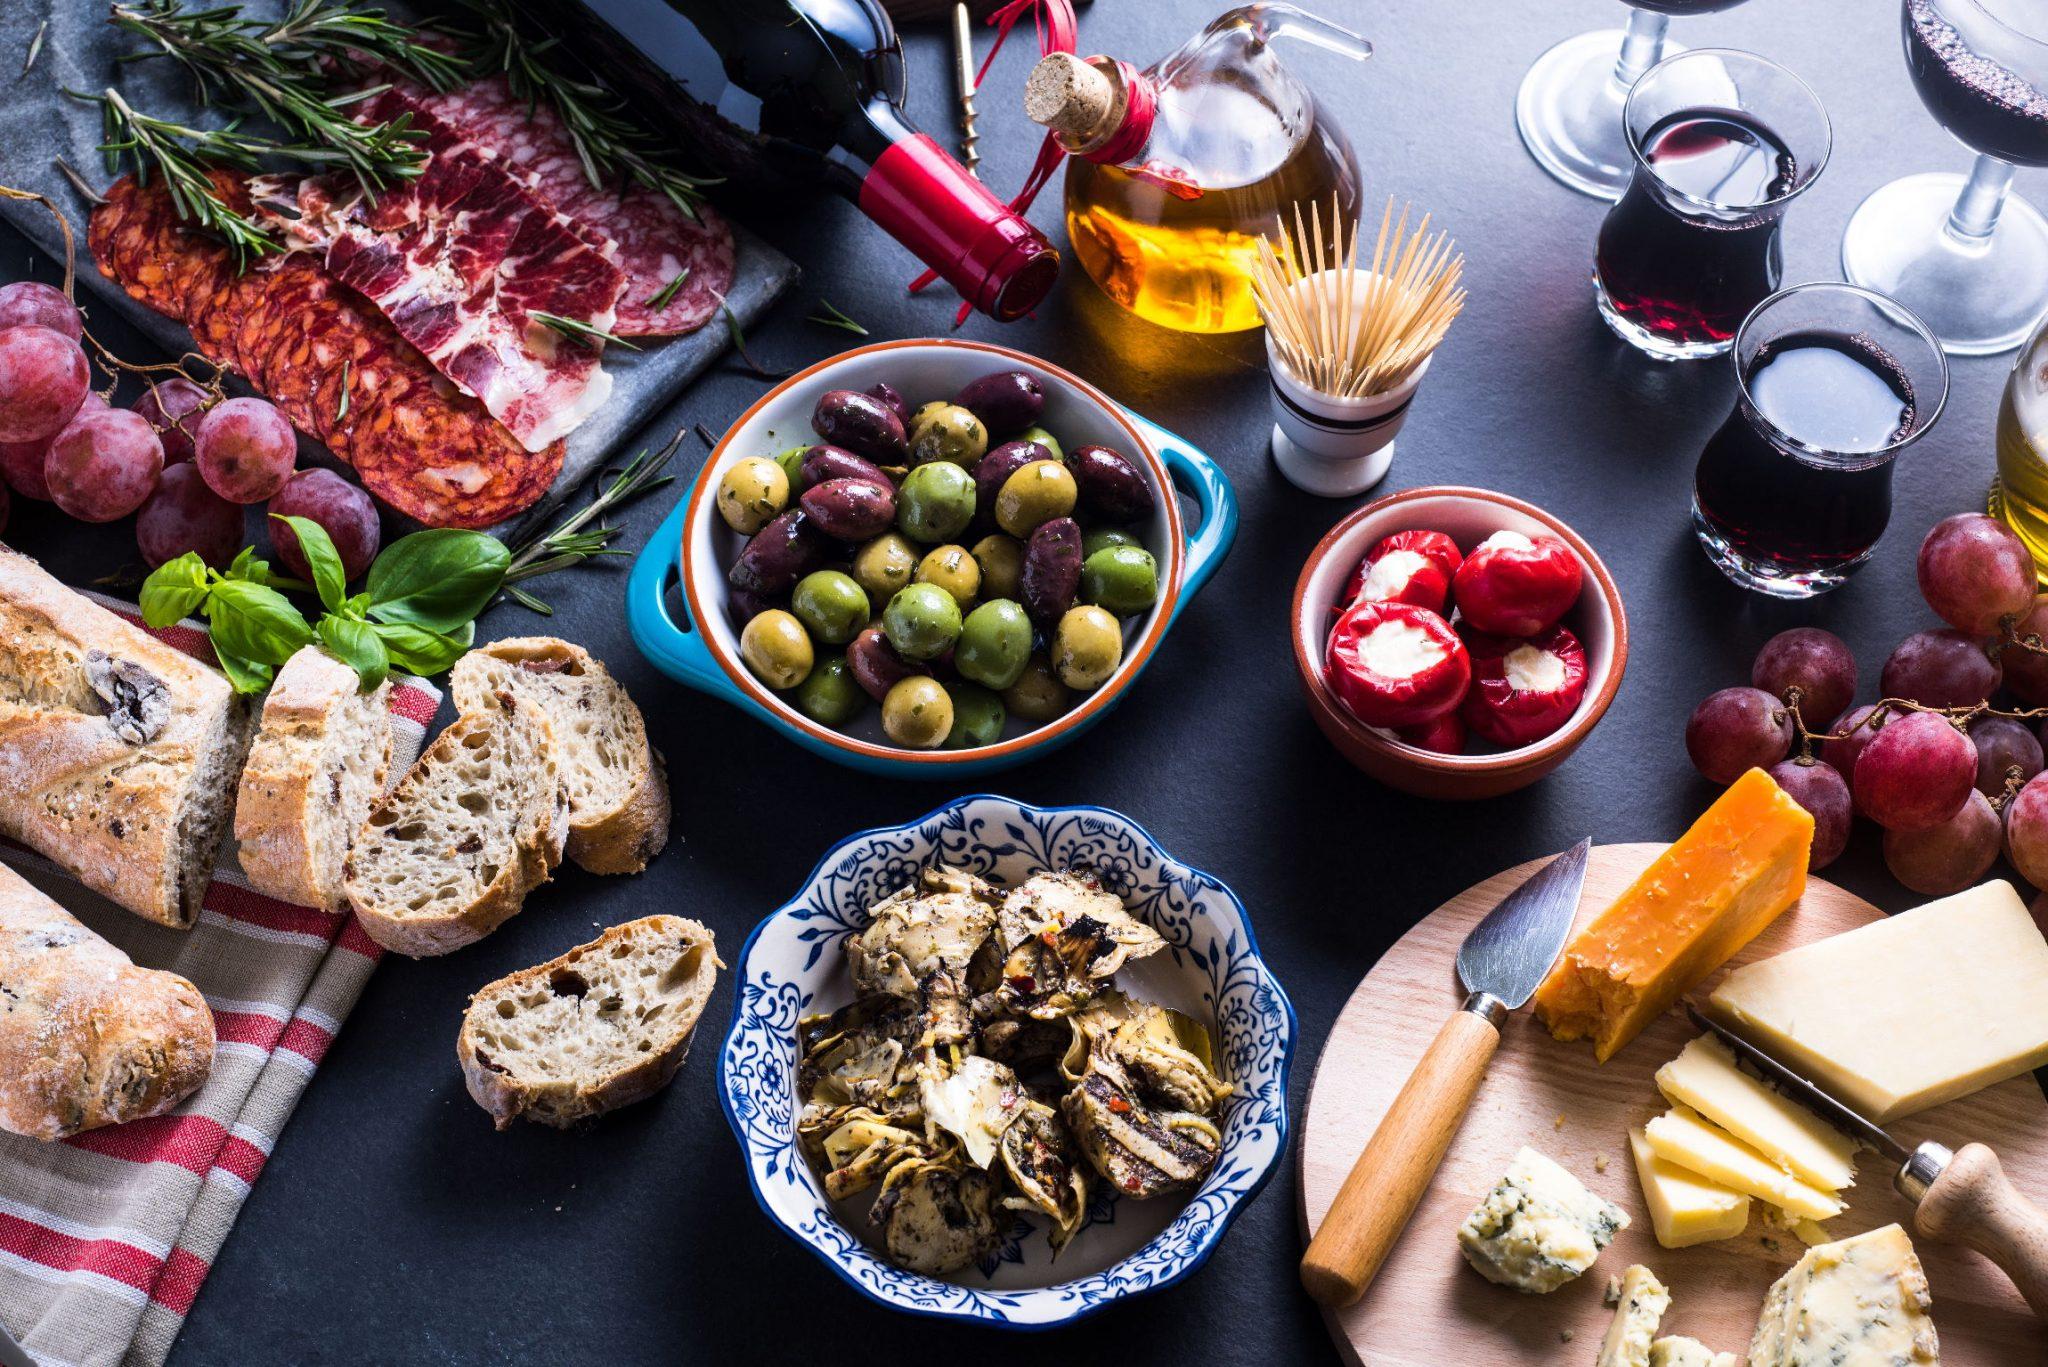 De authentieke smaken van Spanje